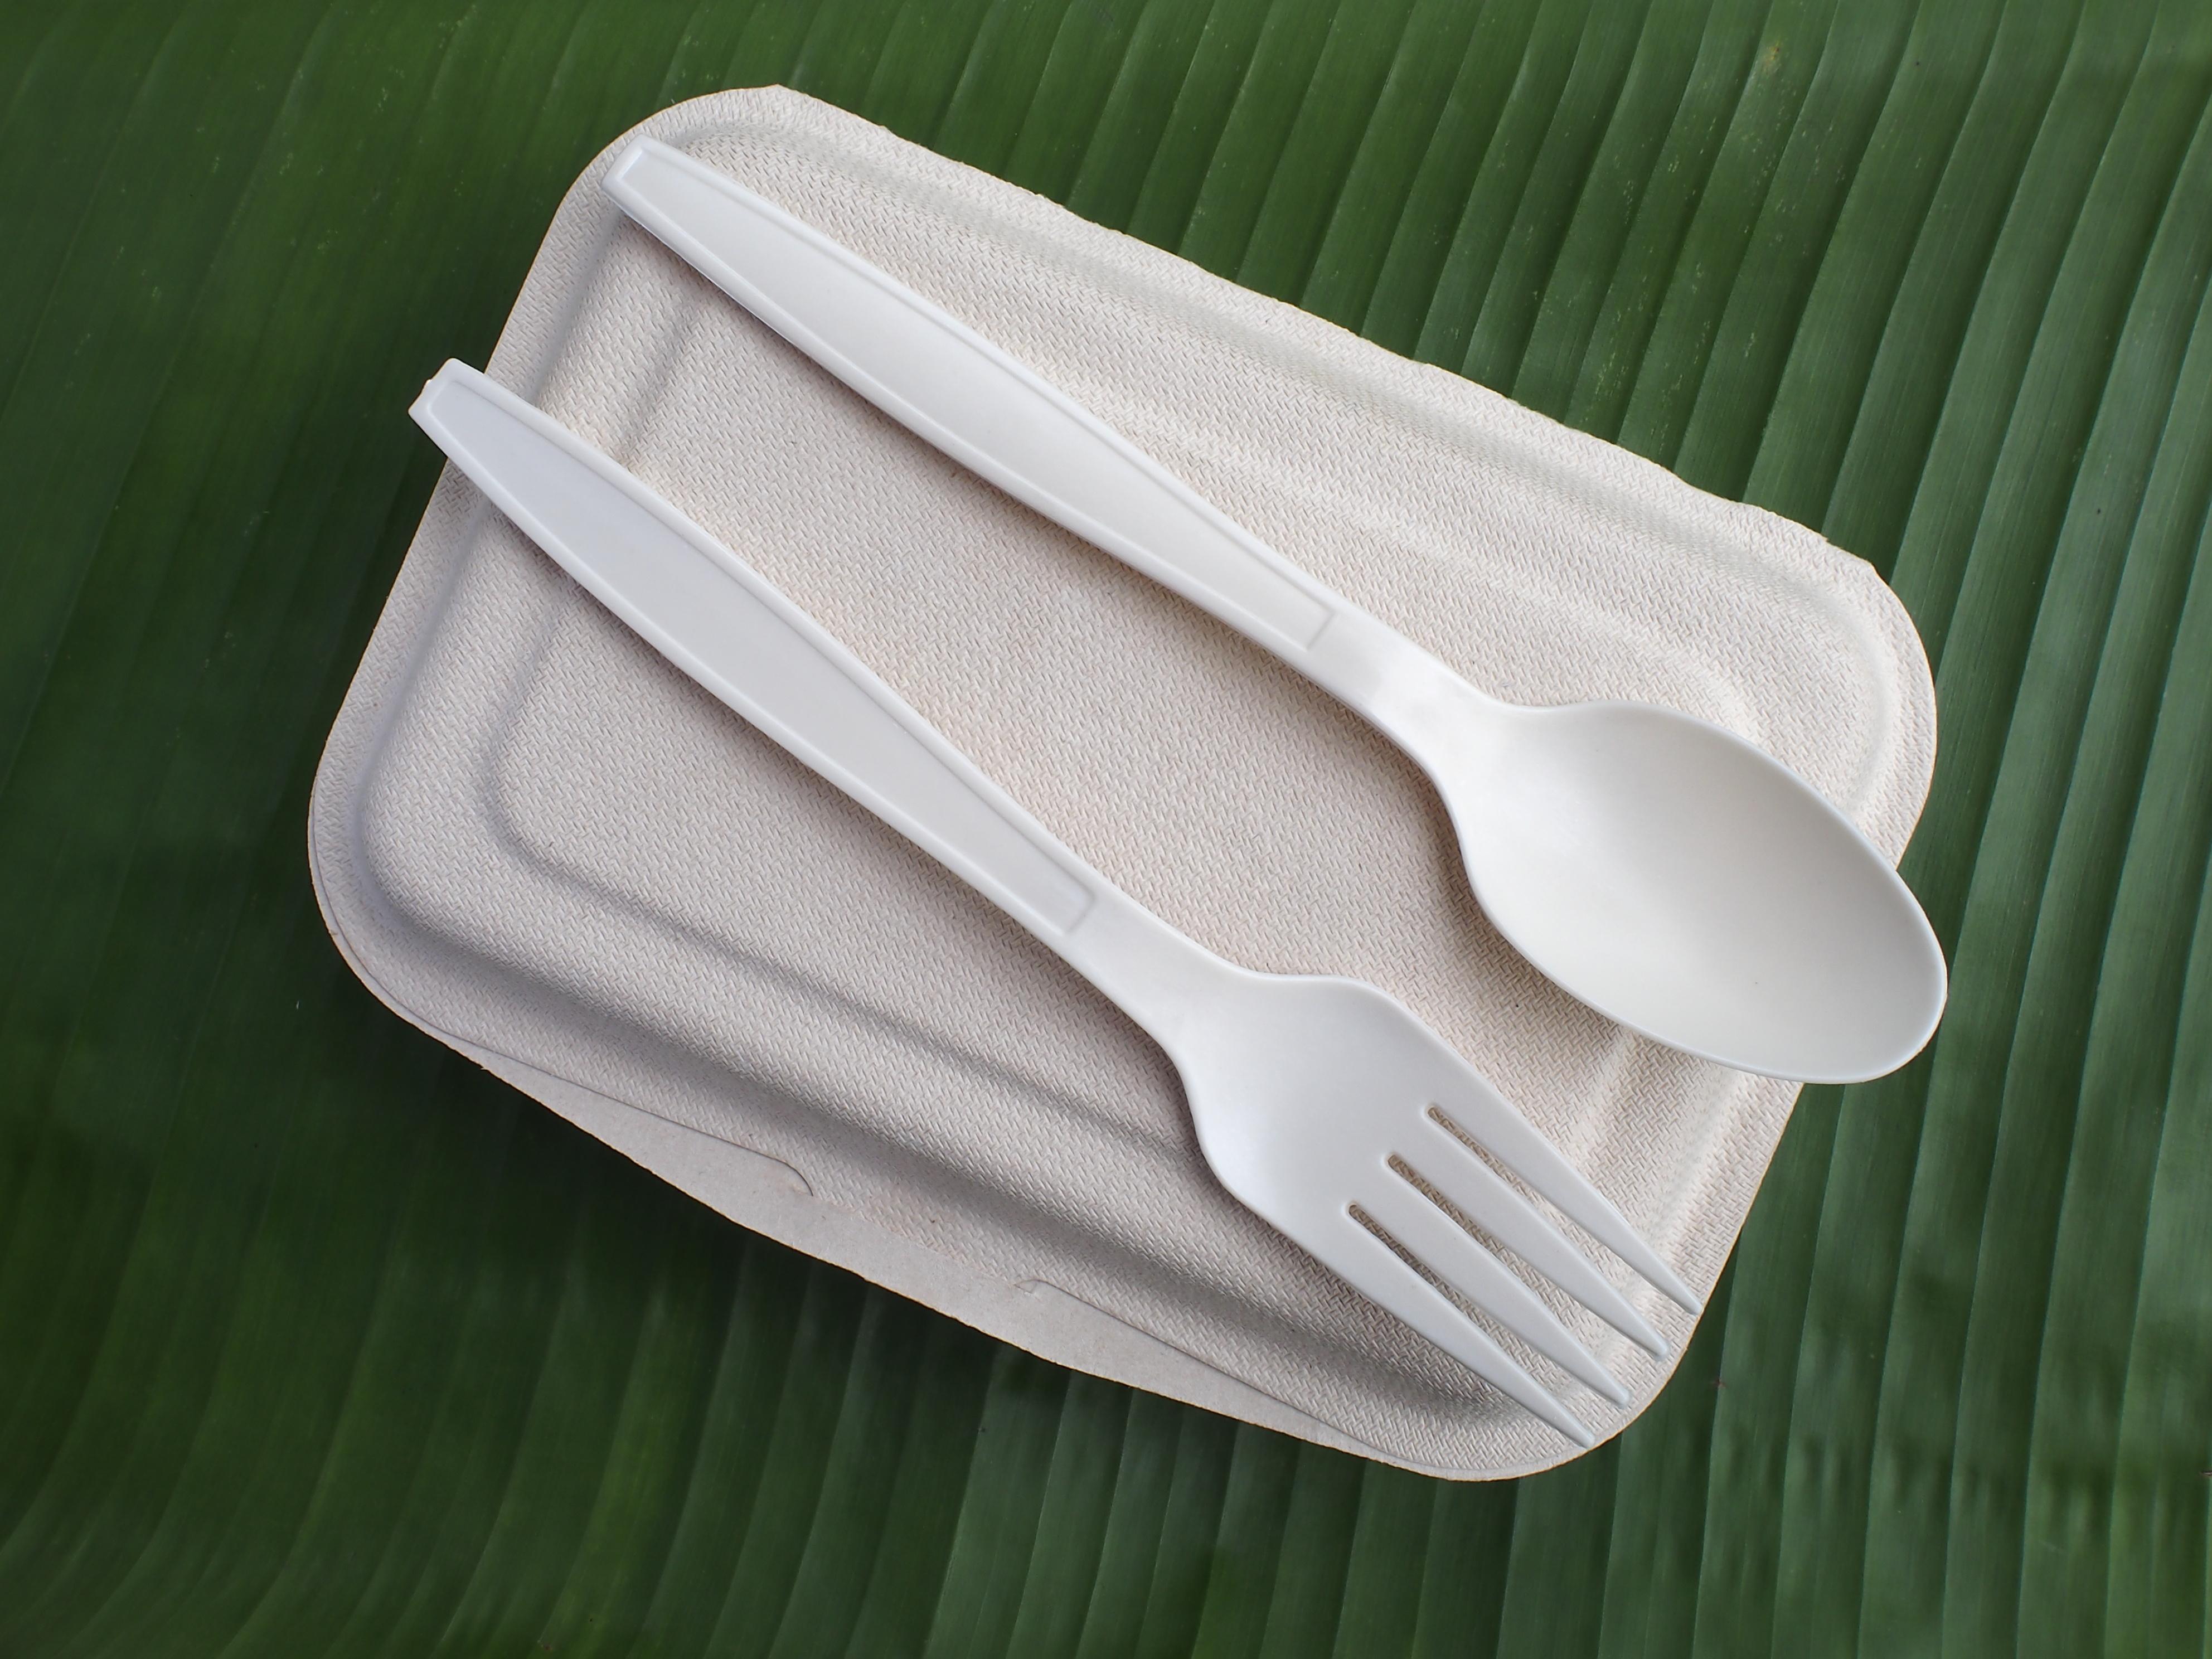 Co musisz wiedzieć o opakowaniach PLA, czyli o bioplastiku słów kilka